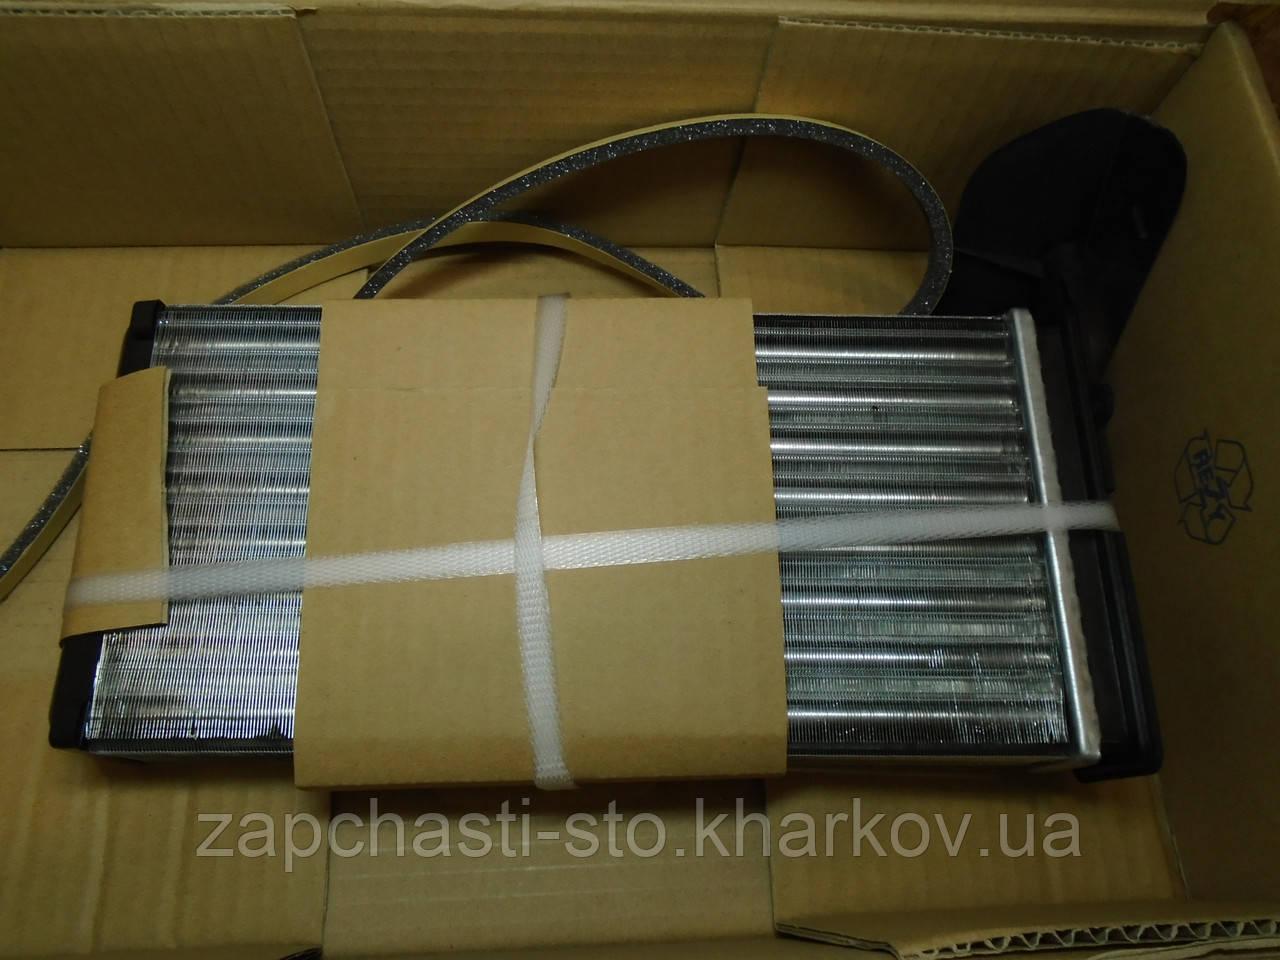 Купить радиатор фольксваген транспортер дт 3пм двухзвенный гусеничный транспортер